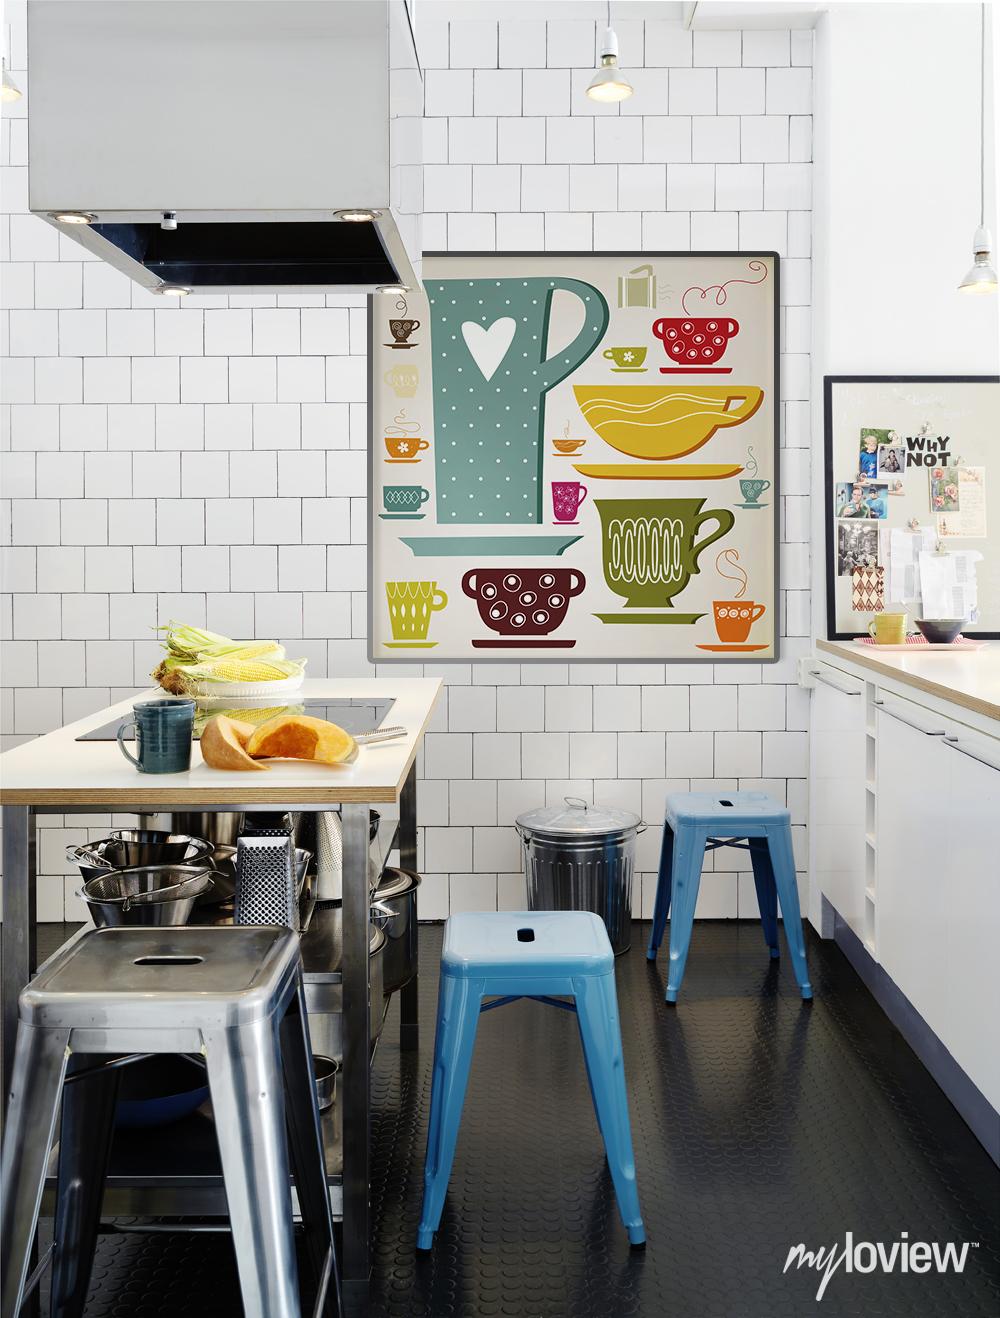 Plakaty do kuchni